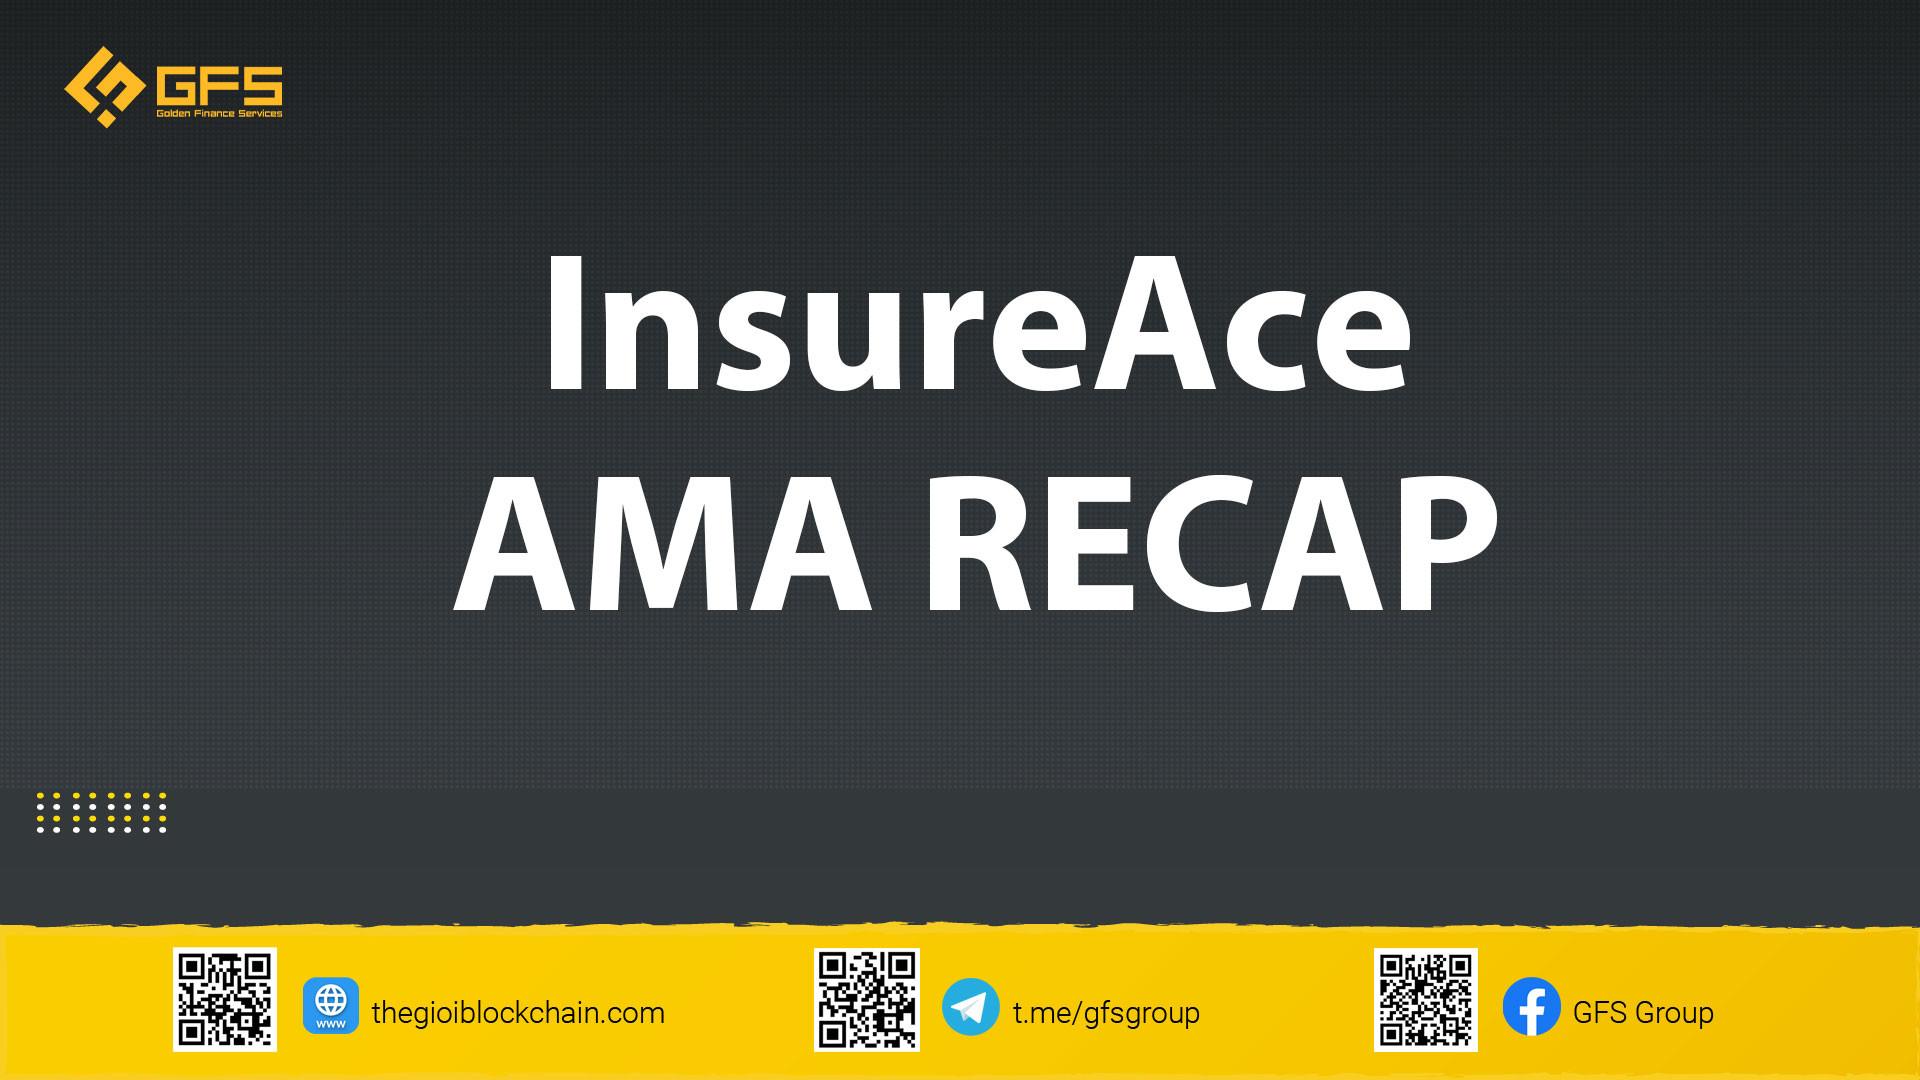 ama-recap-file